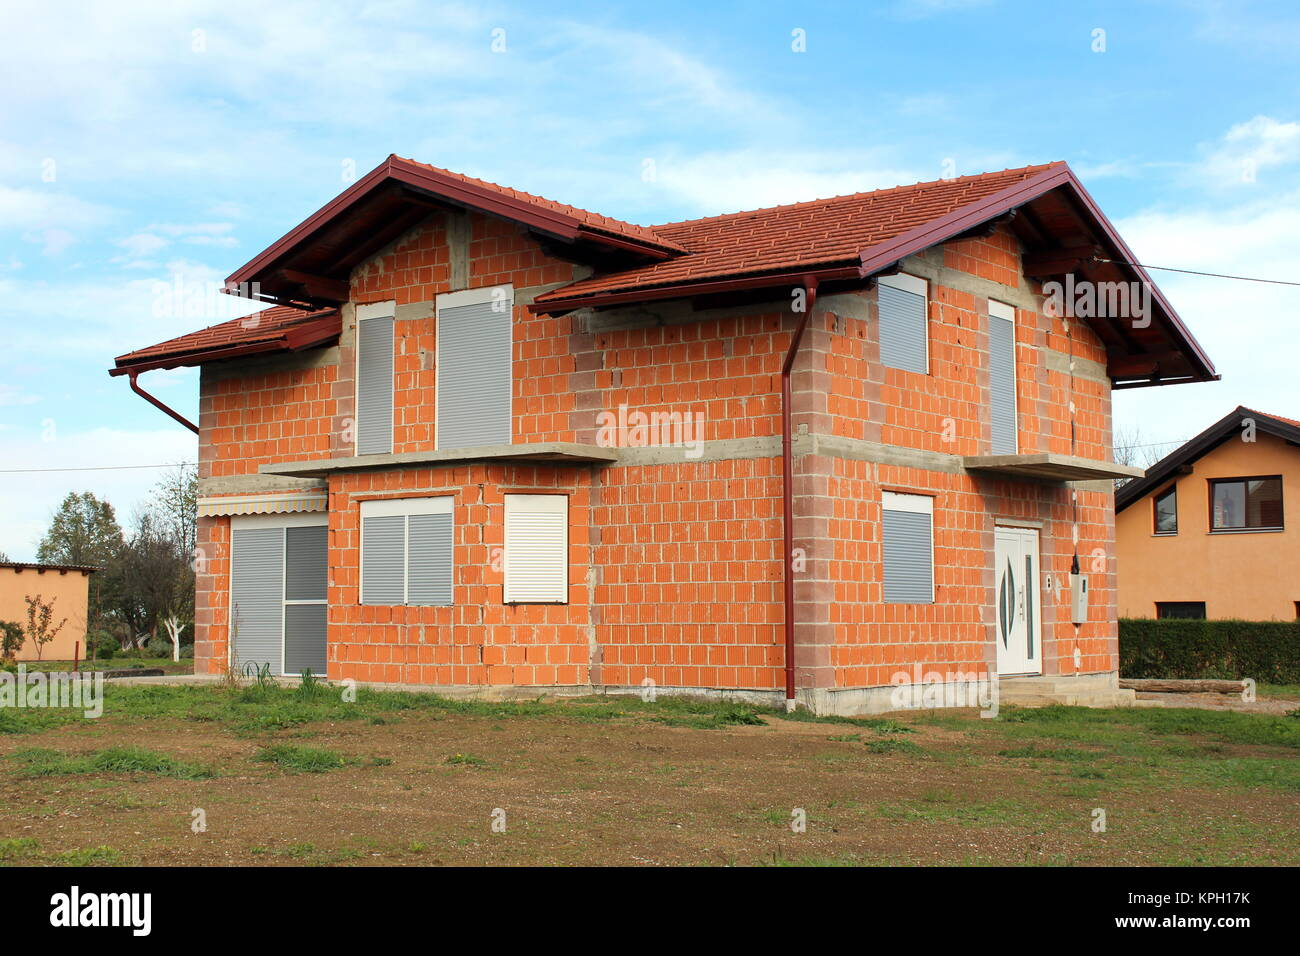 Unvollendete neues Haus mit neu Dachziegel, dunkelrot Dachrinnen ...